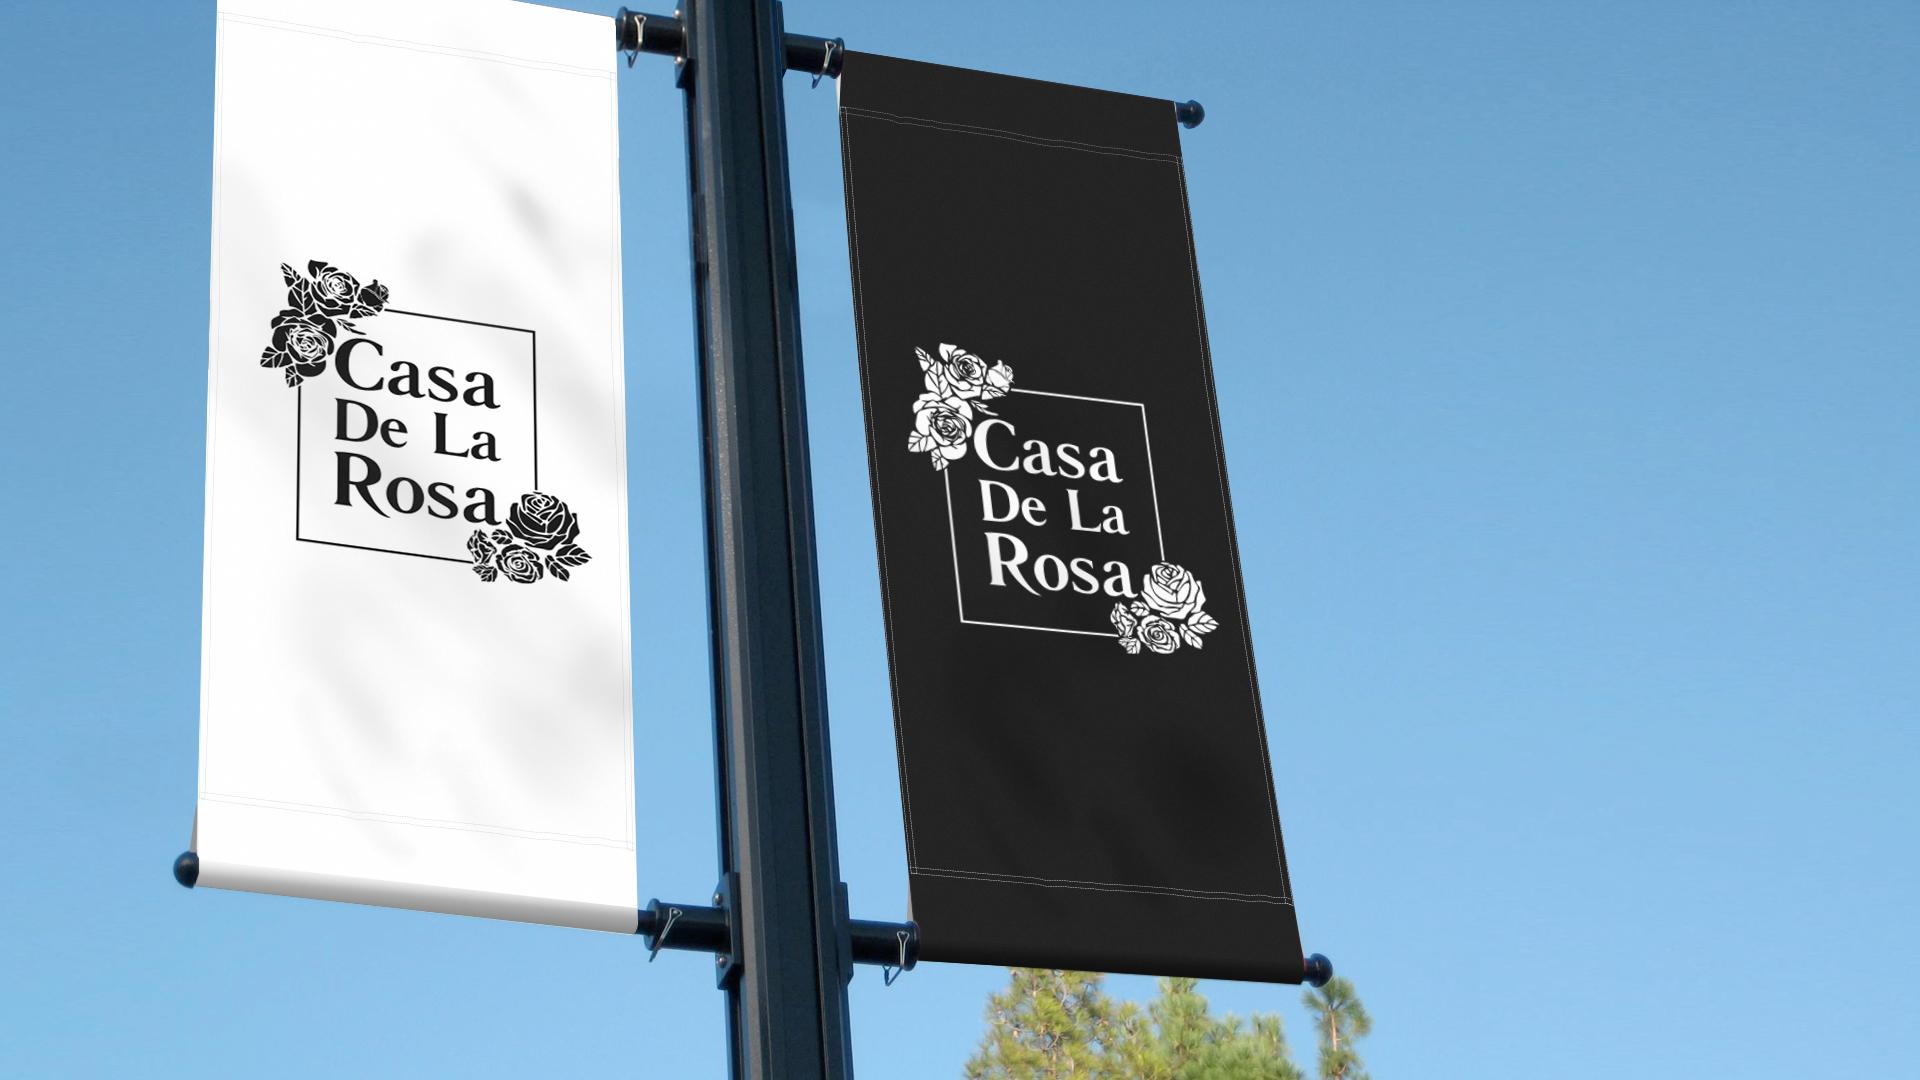 Логотип + Фирменный знак для элитного поселка Casa De La Rosa фото f_5575cd2f26e35b77.jpg